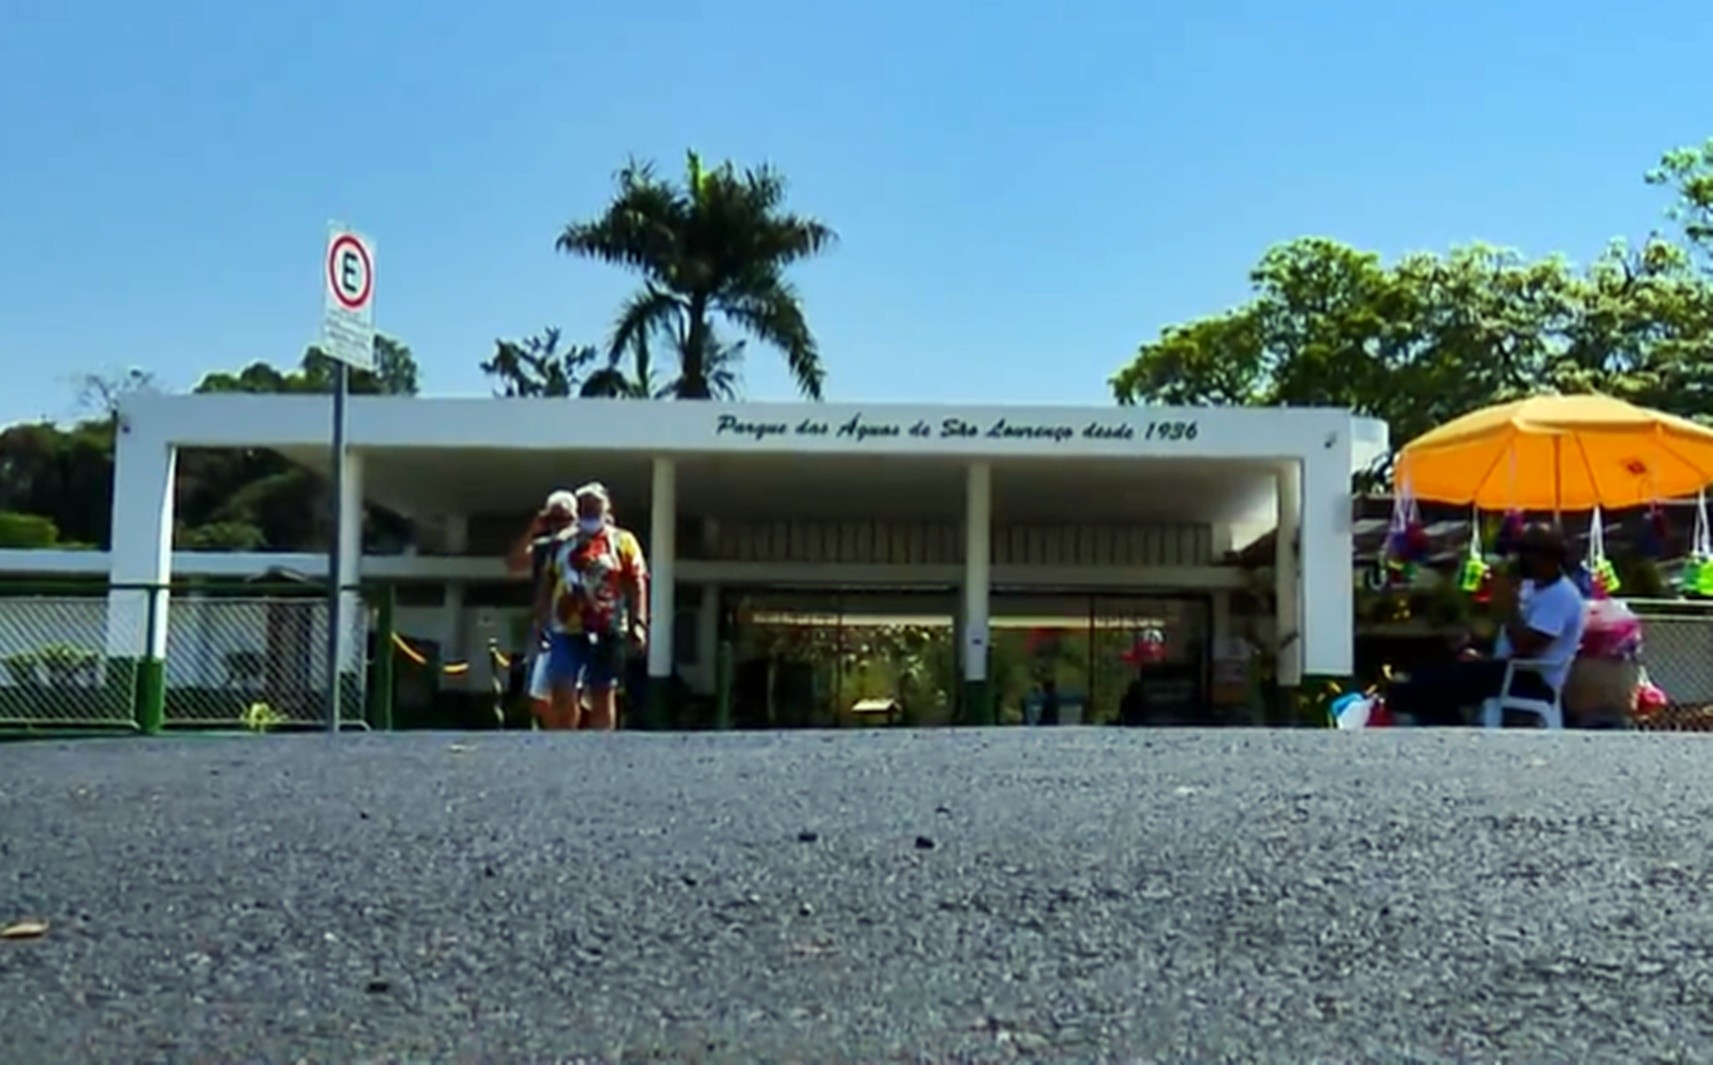 MP abre inquérito para investigar asfaltamento de ruas no entorno do Parque das Águas, em São Lourenço